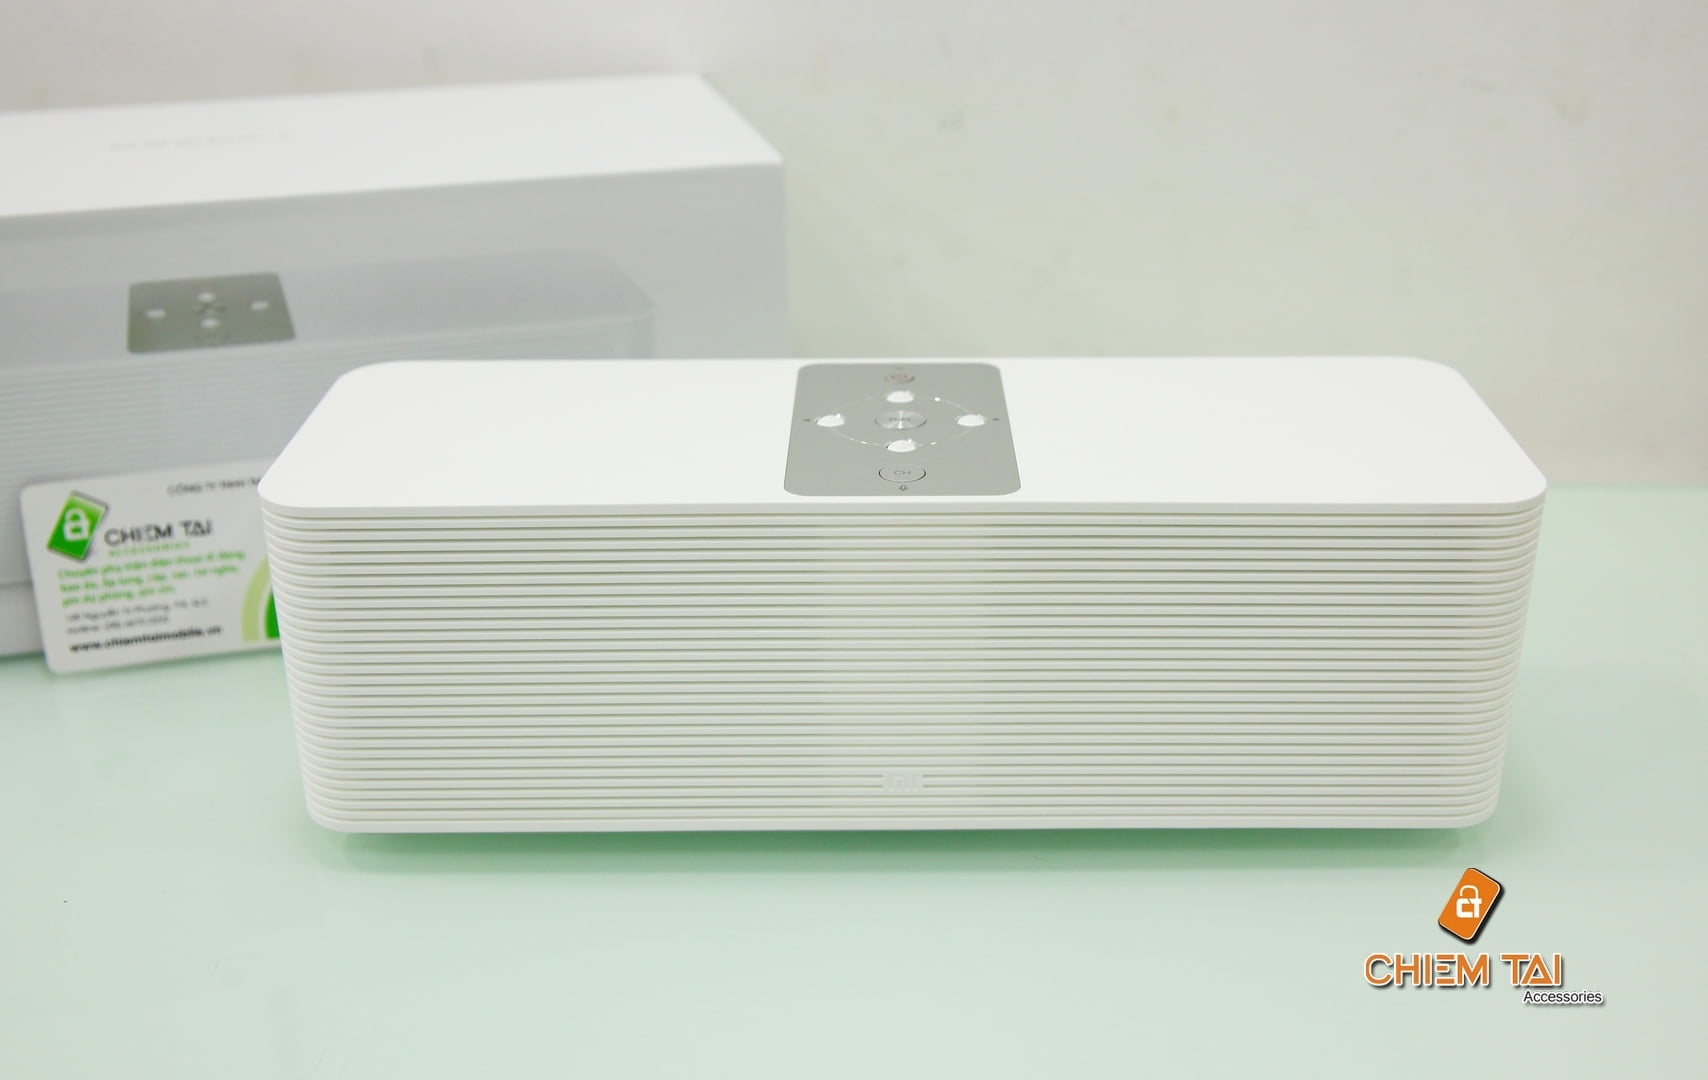 loa thong minh xiaomi wifi speaker 605da567c8cfc